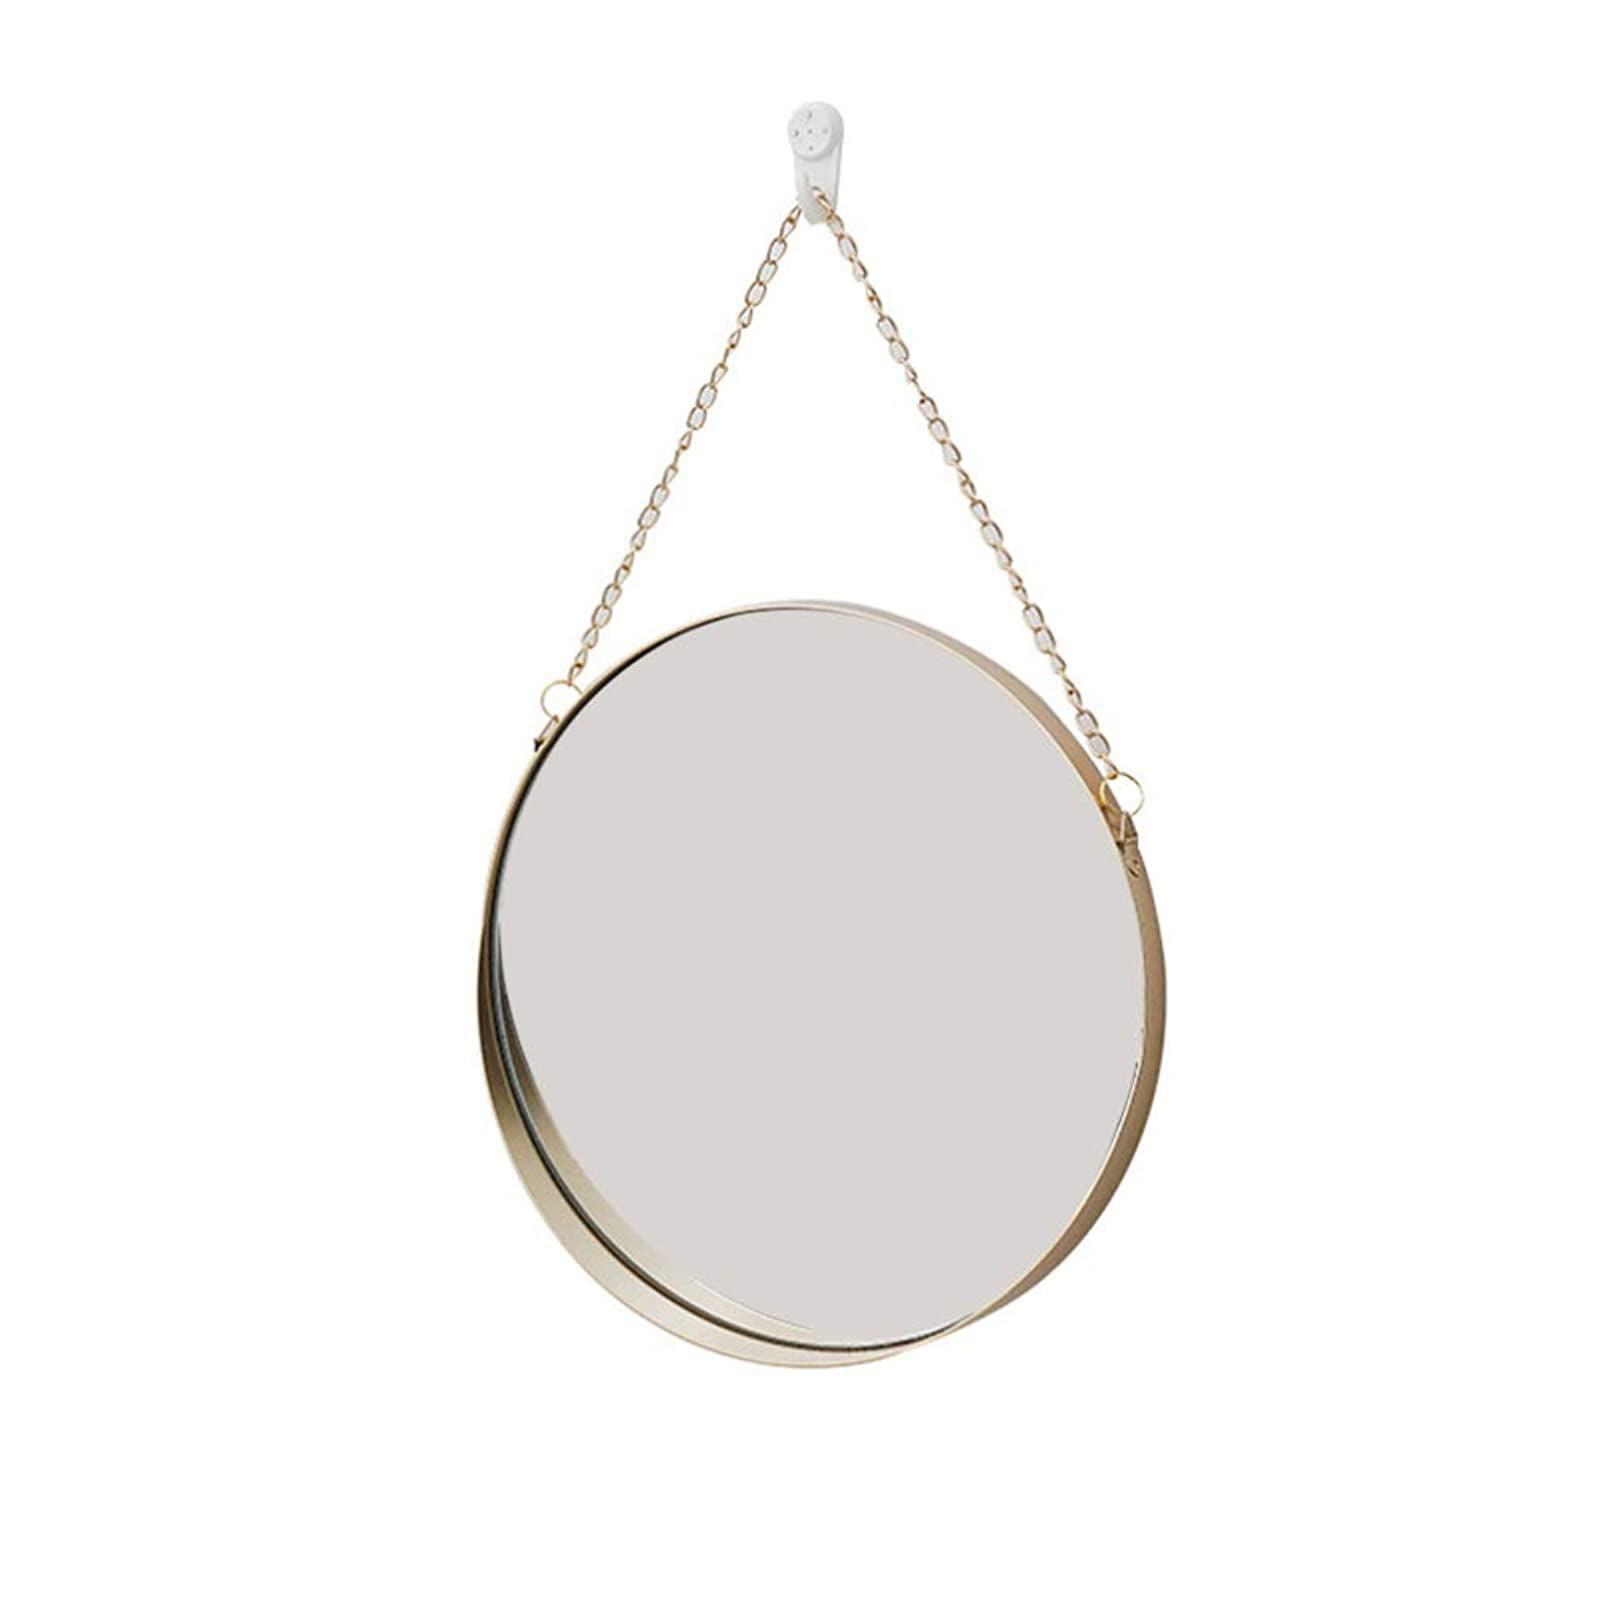 Vosarea Hanging Wall Mirror Round Vanity Mirror For Home Bathroom Bedroom Living Room Decor Golden Walmart Com Walmart Com